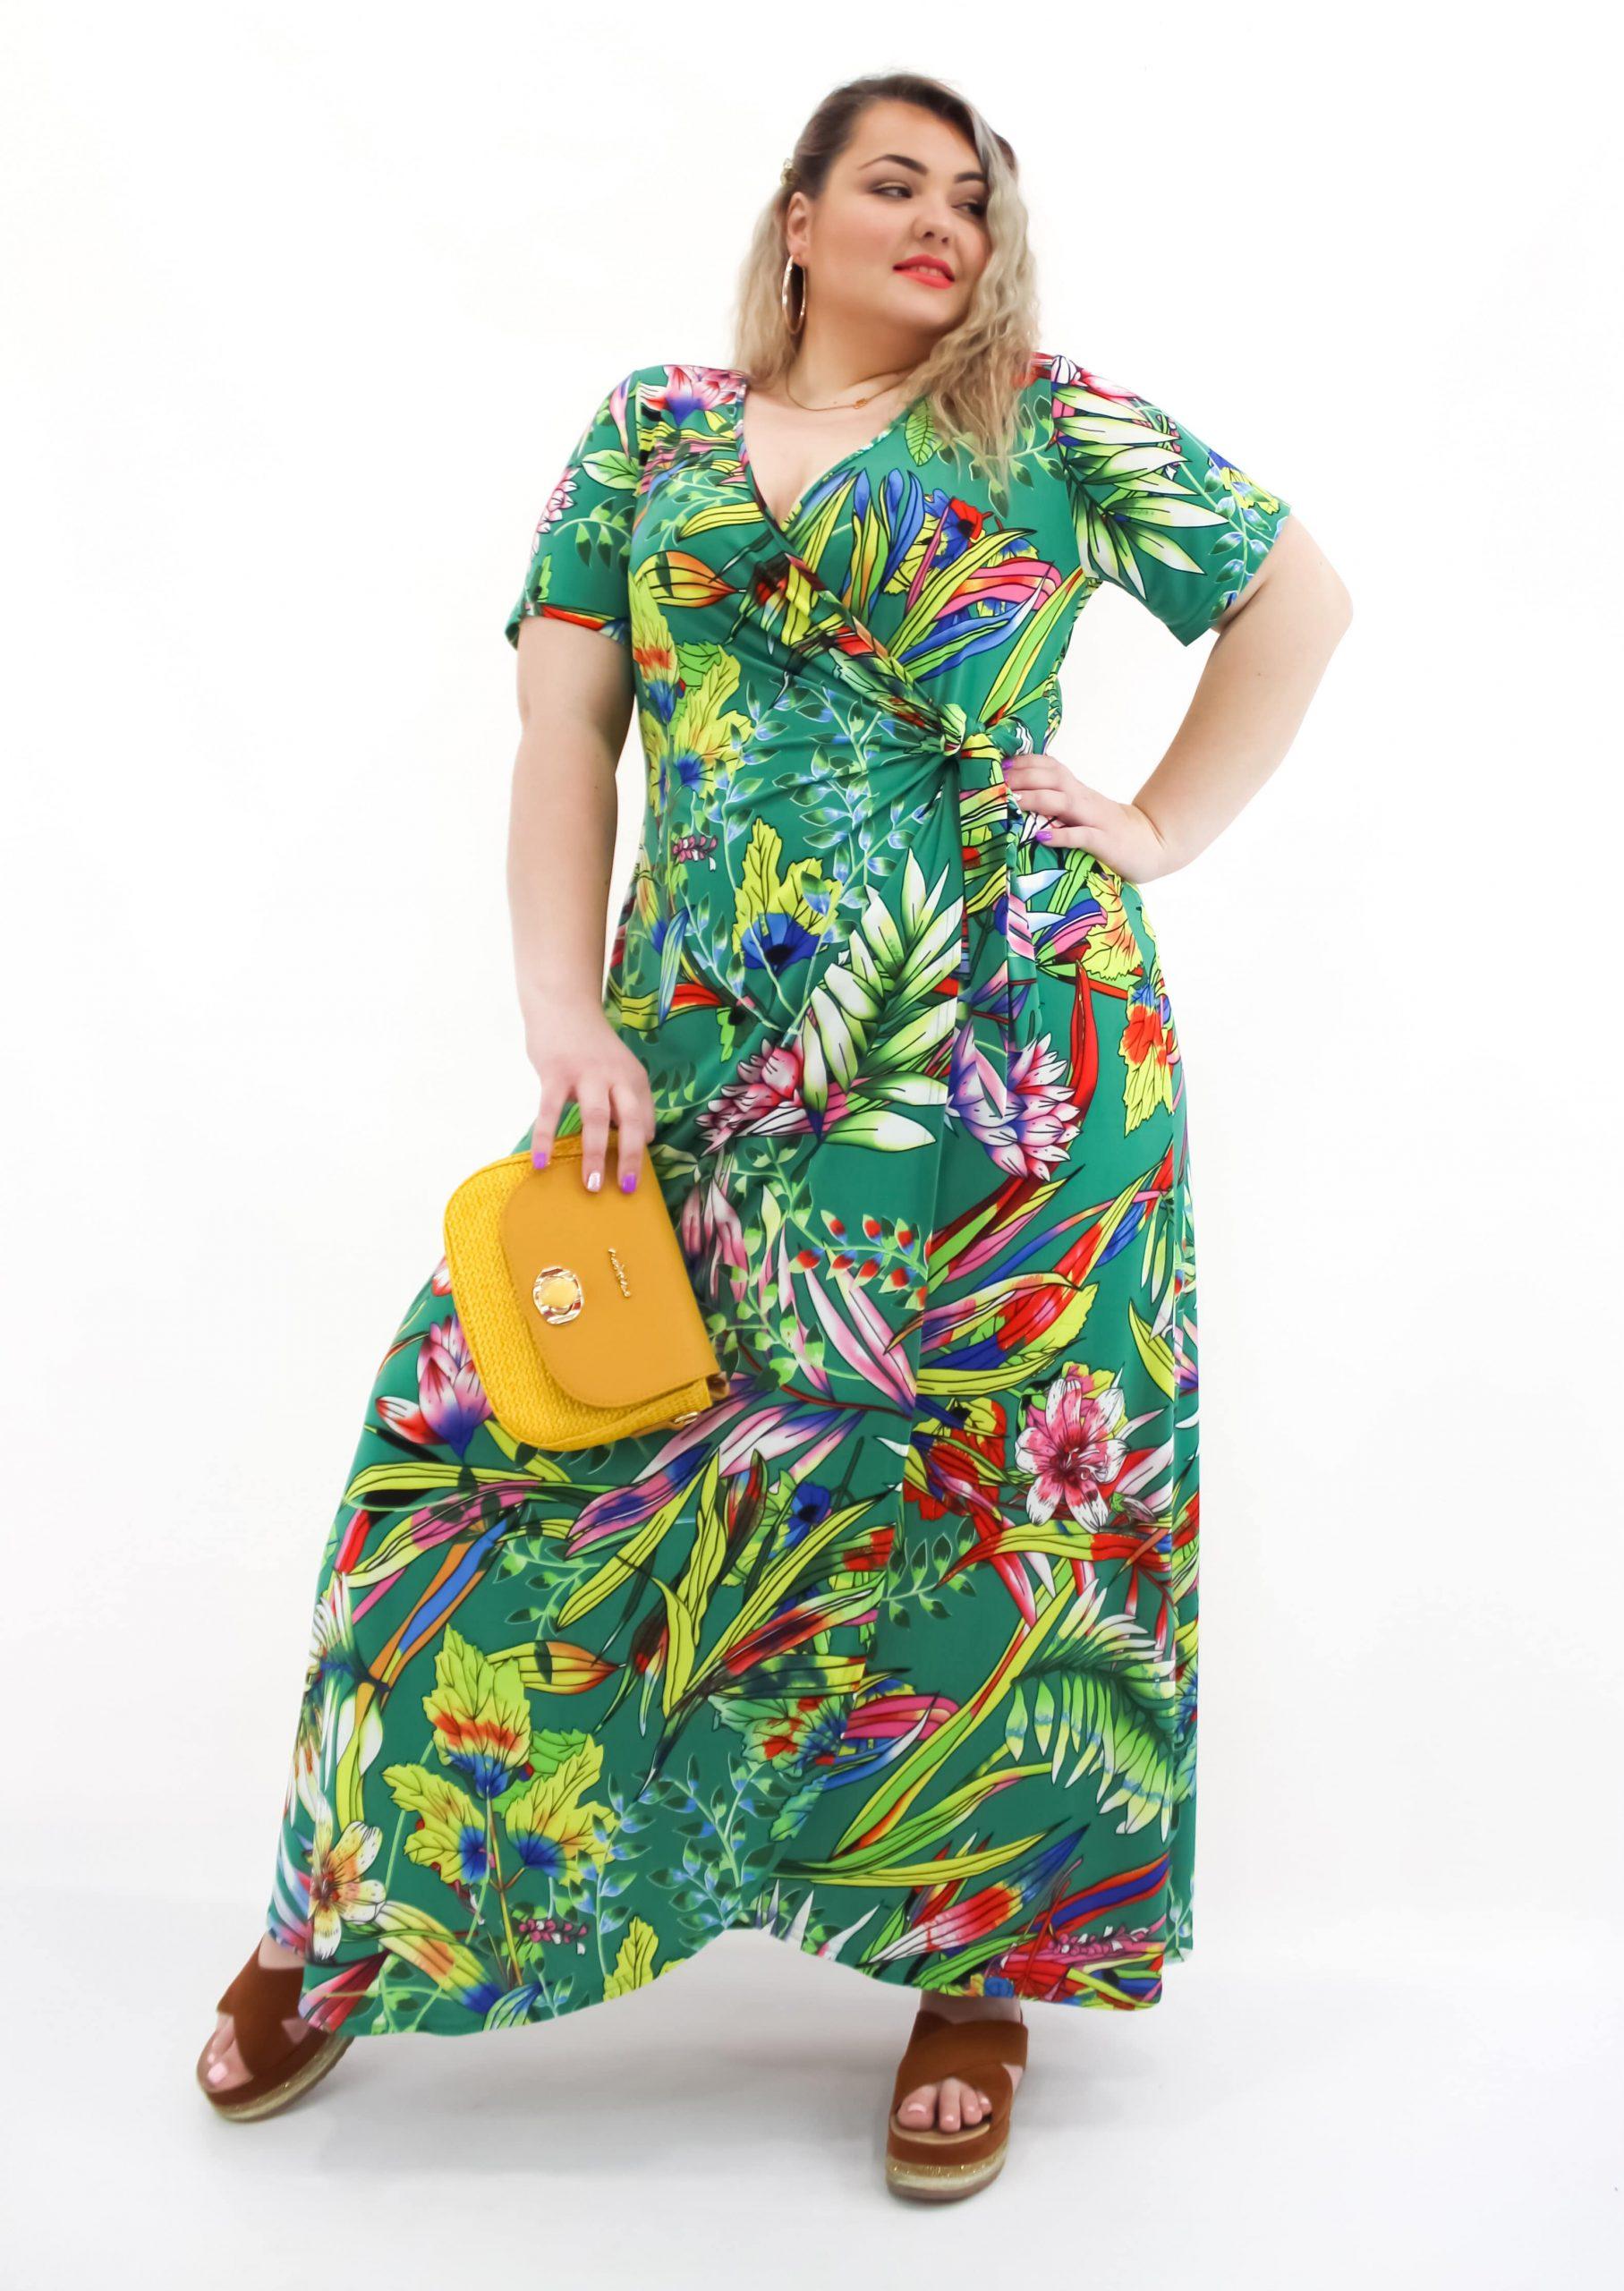 Φόρεμα κρουαζέ μαγιόπανο εμπριμέ σε 2 χρώματα